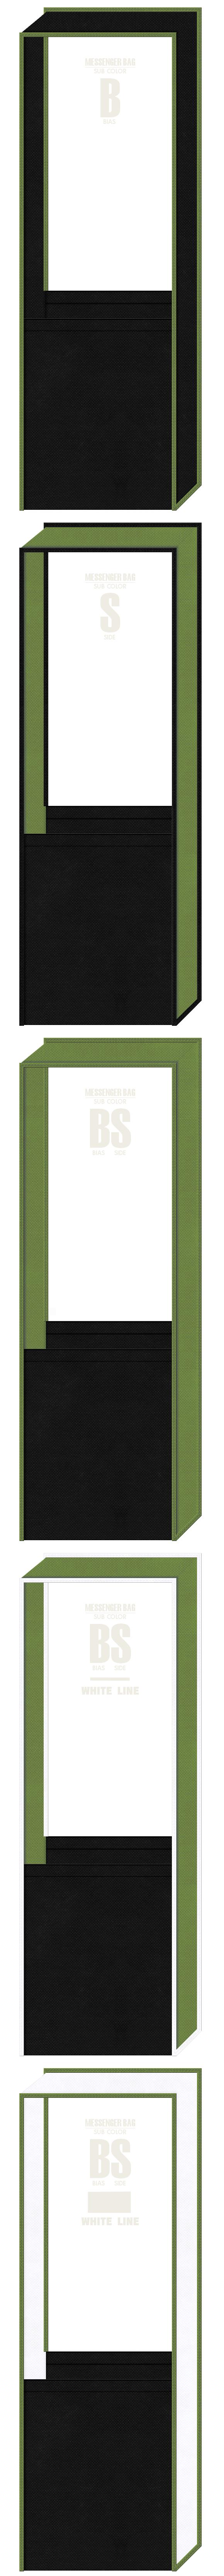 不織布メッセンジャーバッグのカラーシミュレーション(黒色・草色・白色)